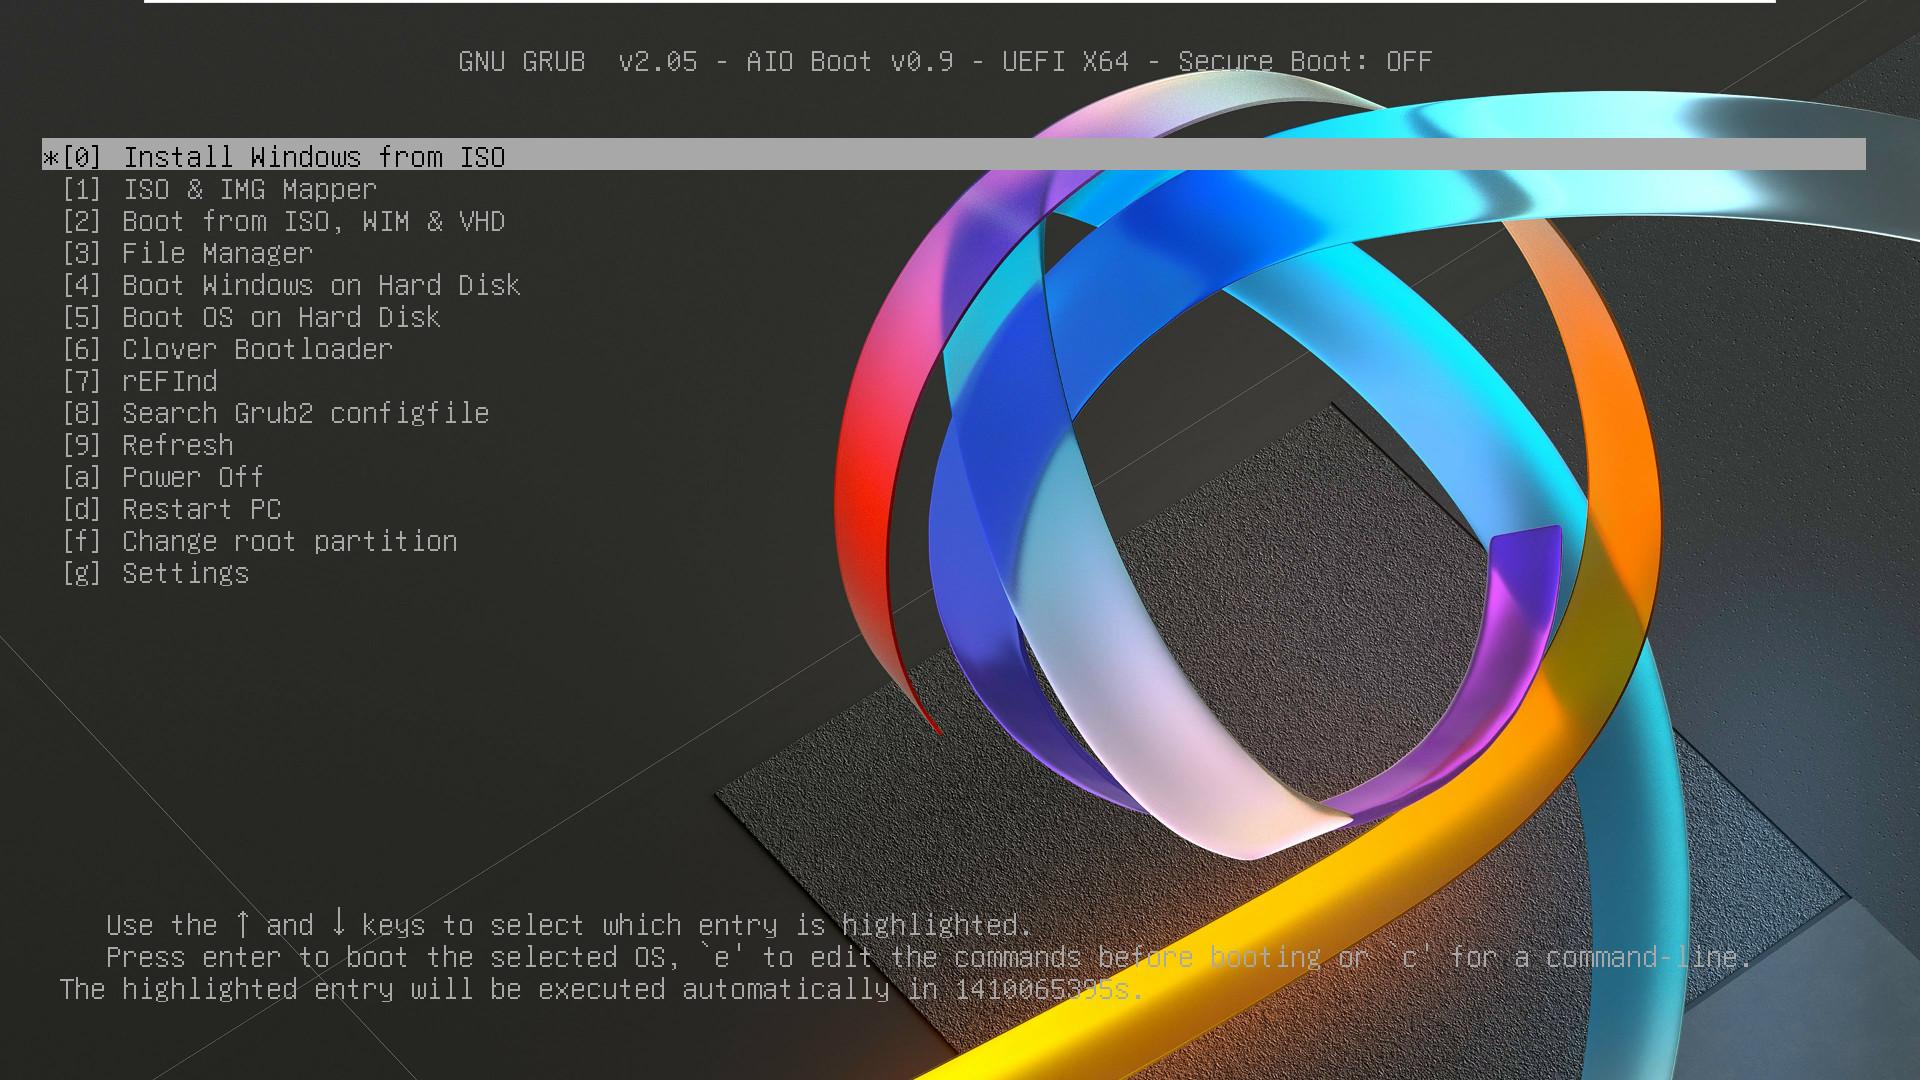 AIO Boot의 grubenv와 기타 설정하기2.bat 으로 설정 자동화하기 - lang 설정을 ko 한글로 추가 설정하면 부팅 메뉴가 한글로 나옵니다 - lang을 en 으로 수정하면 다시 영어로 나옵니다 2020-09-14_031852.jpg